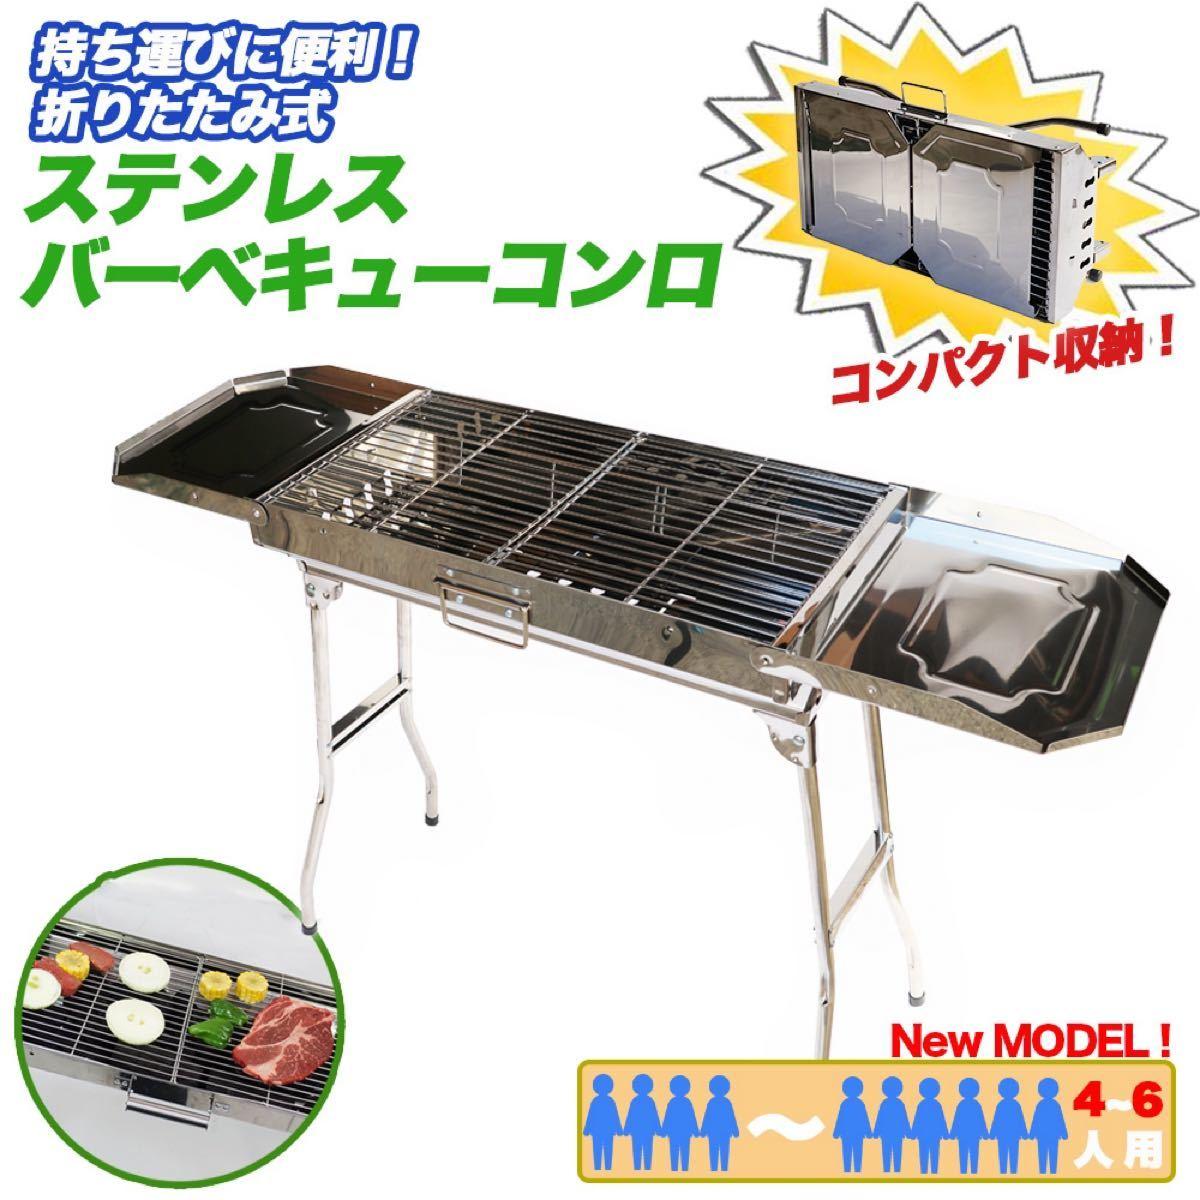 バーベキューコンロ ステンレス 大型 テーブル 折りたたみ 持ち運び 予備網付き アウトドア BBQ キャンプ